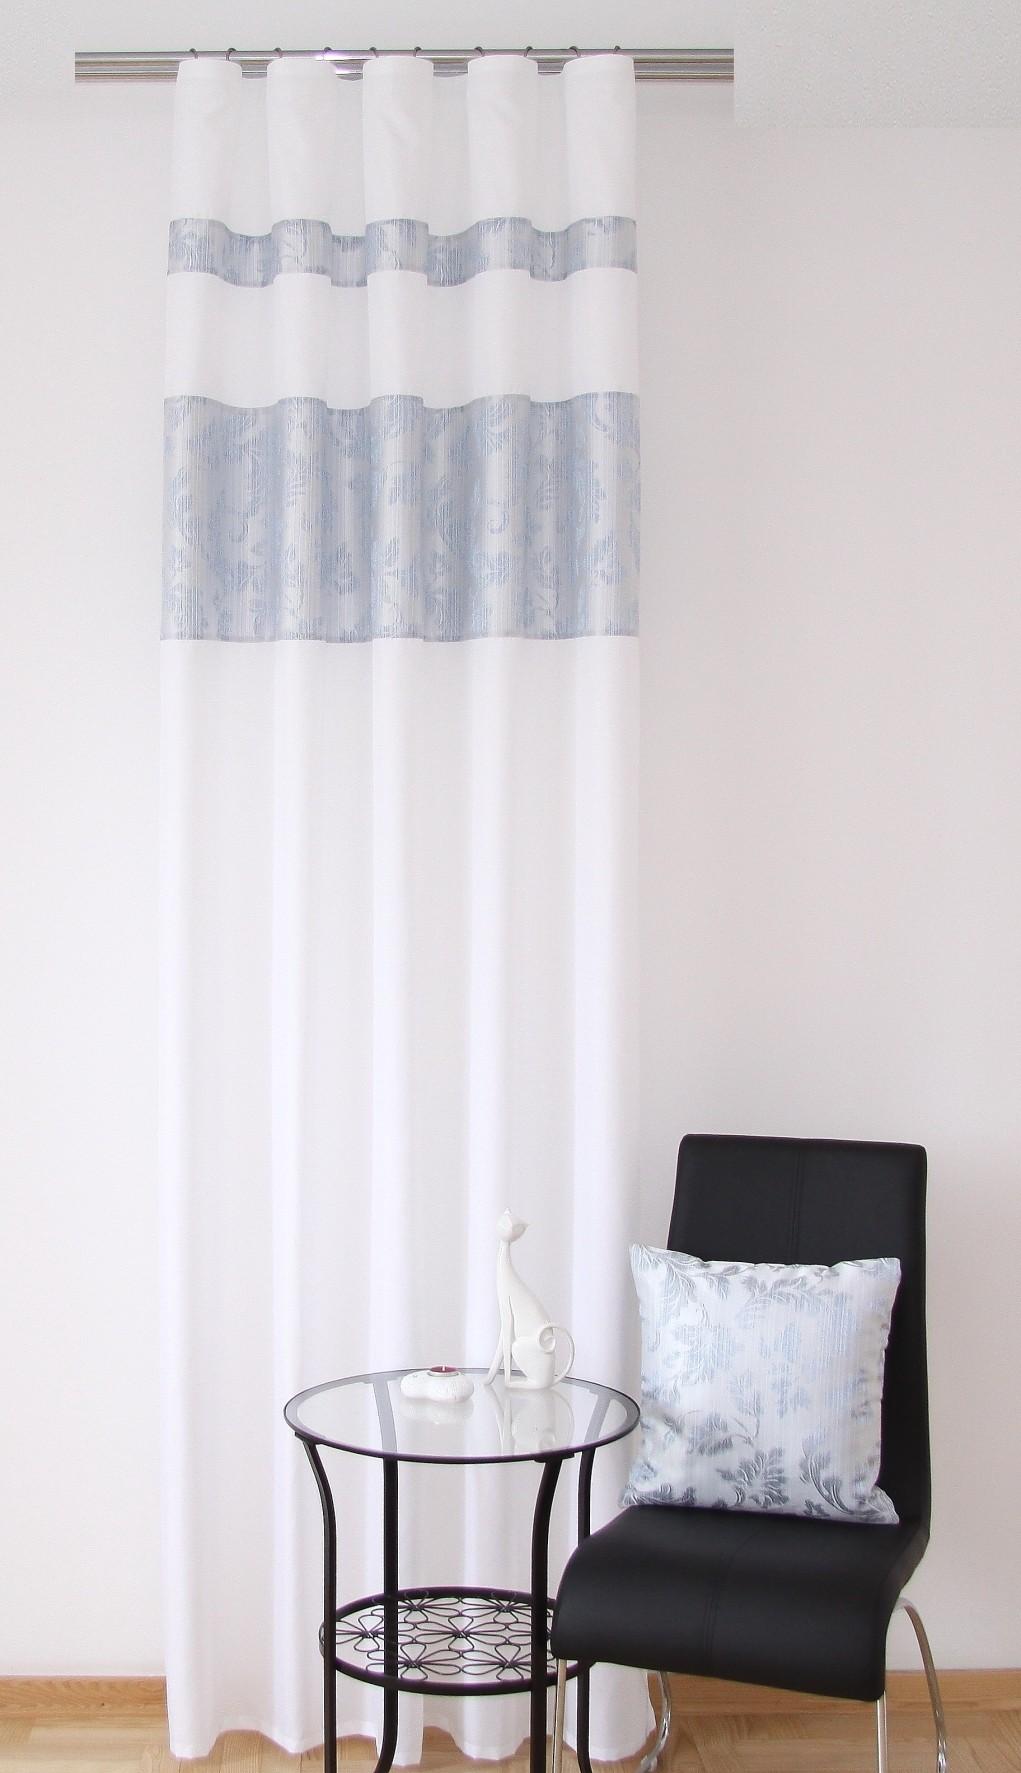 Moderní hotové závěsy bílé barvy s modrým ornamentem